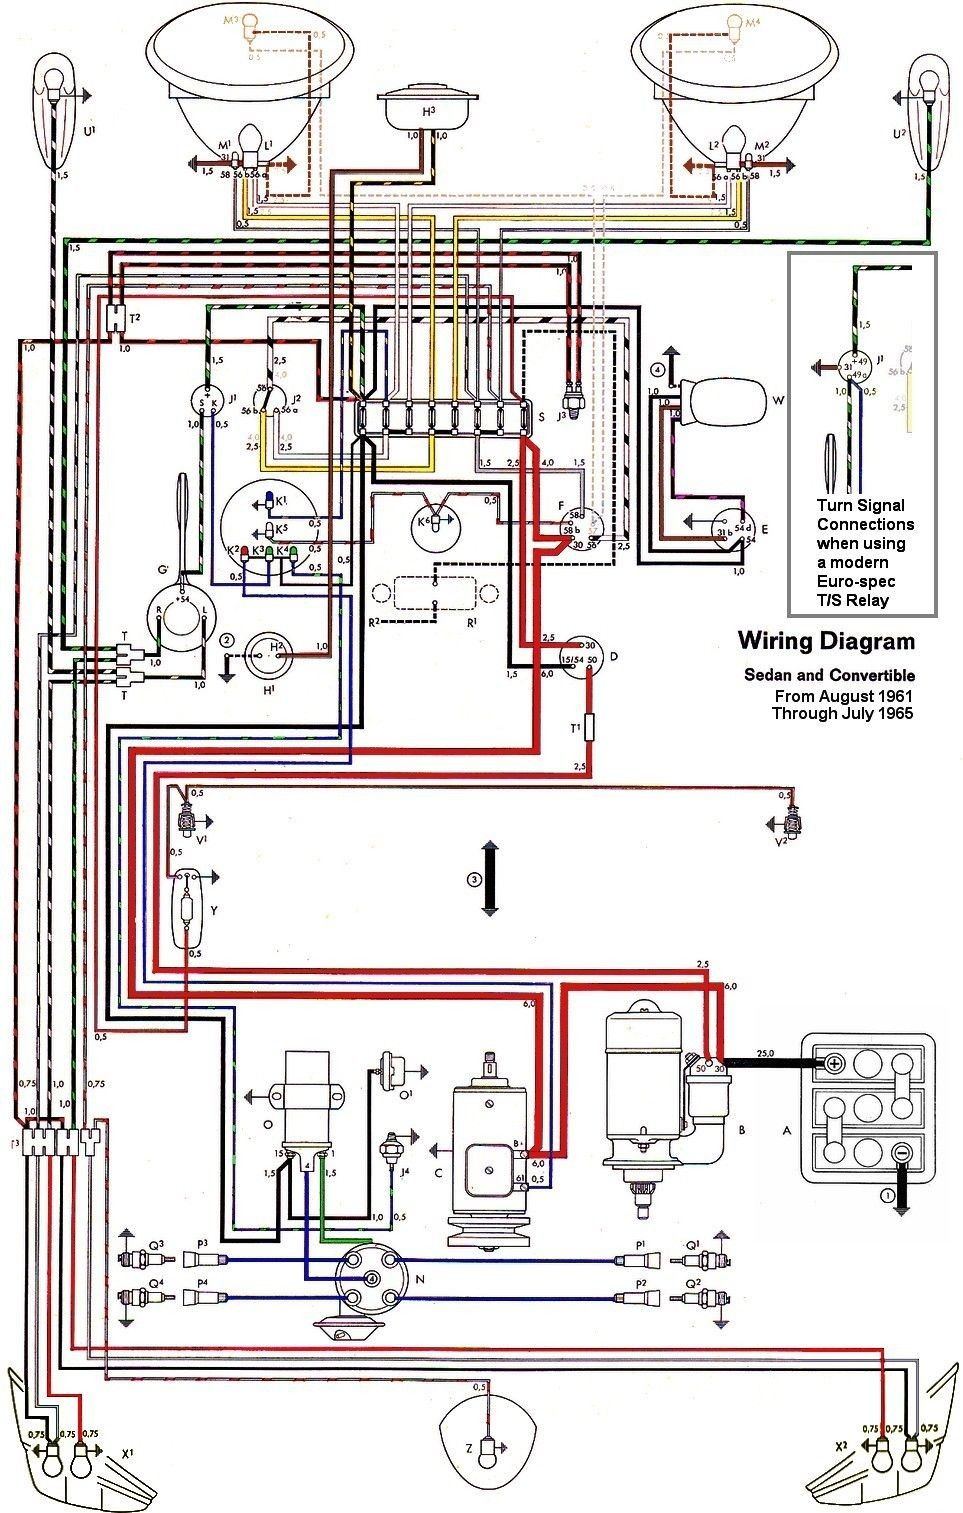 Elegant Vw Sand Rail Wiring Diagram In 2020 Vw Super Beetle Vw Beetles Electrical Wiring